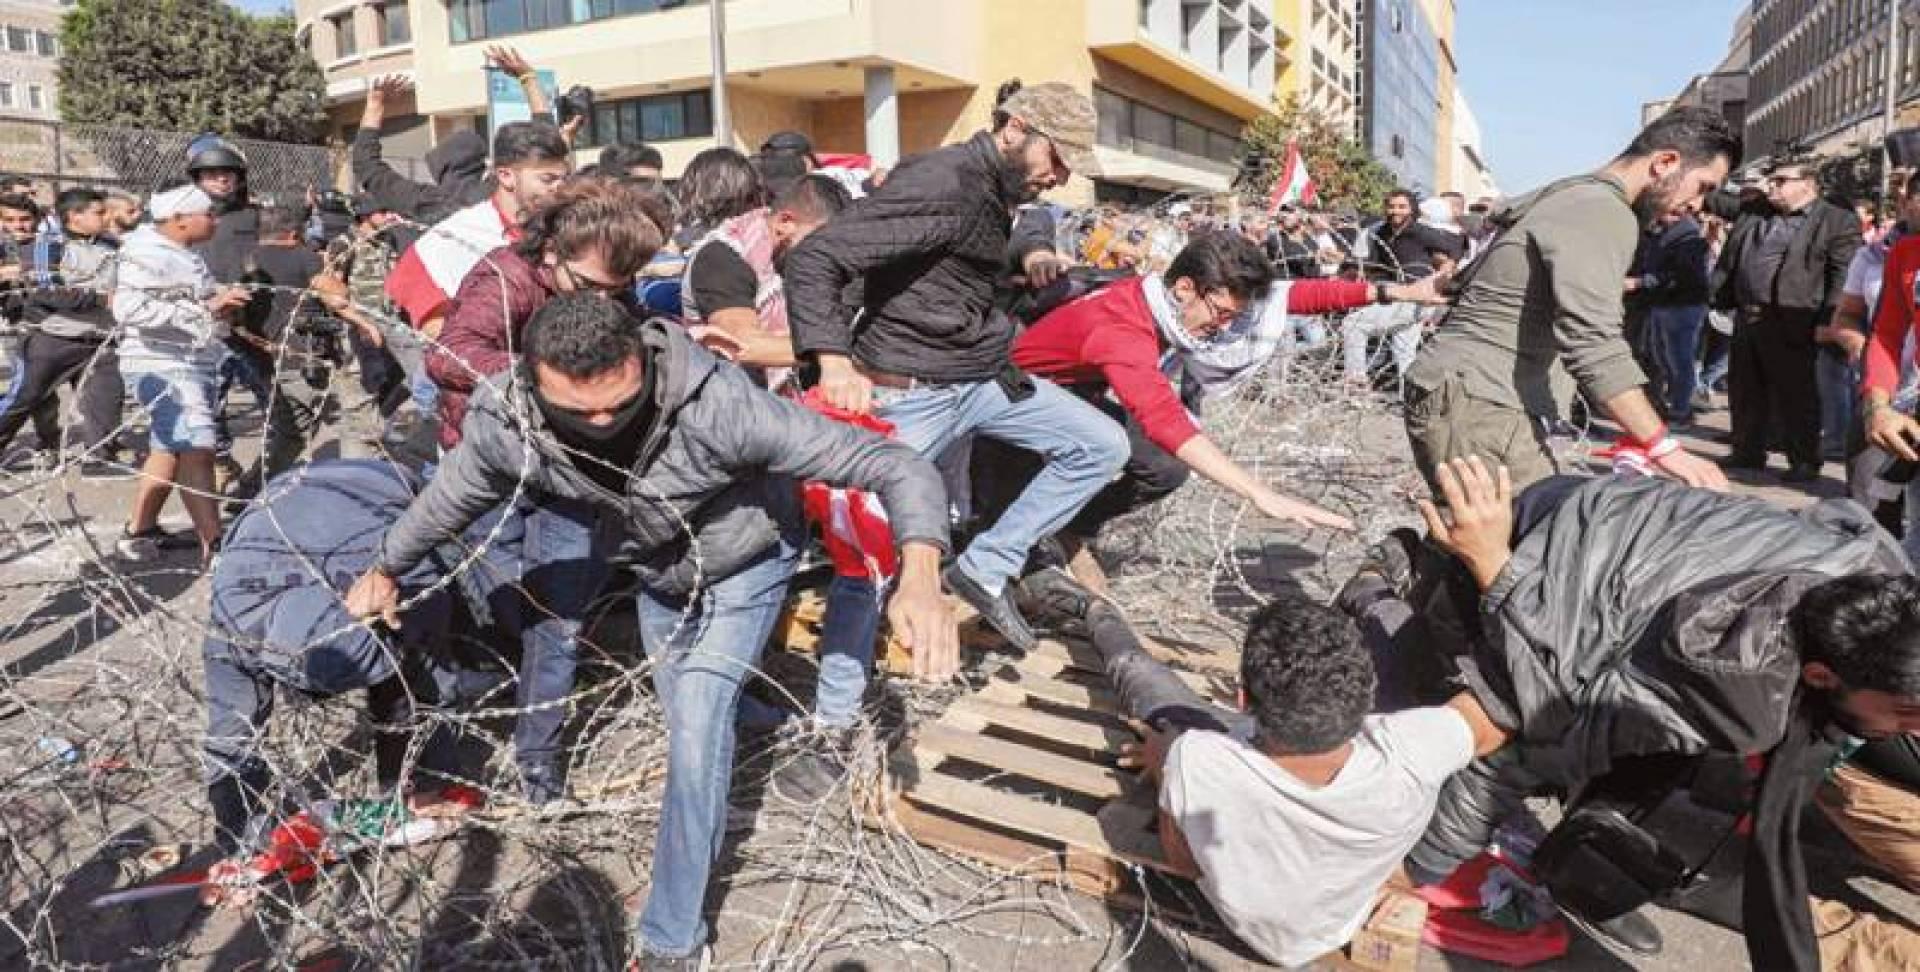 متظاهرون يحاولون عبور السياج الشائك للوصول إلى البرلمان أمس | أ.ف.ب